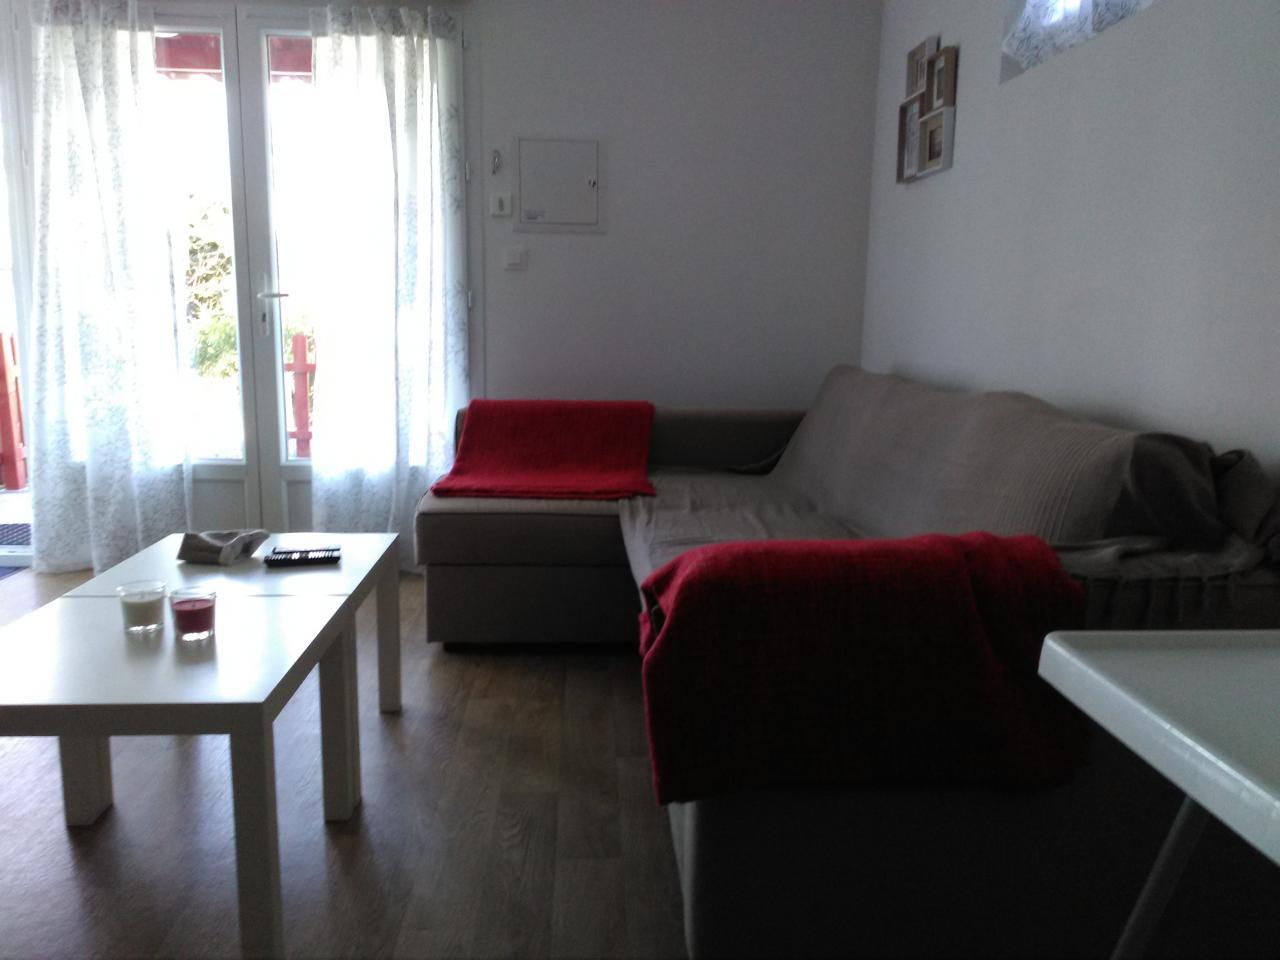 joli appartement t2 sur les hauteurs d 39 hendaye avec parking wifi terrasse hendaye location. Black Bedroom Furniture Sets. Home Design Ideas